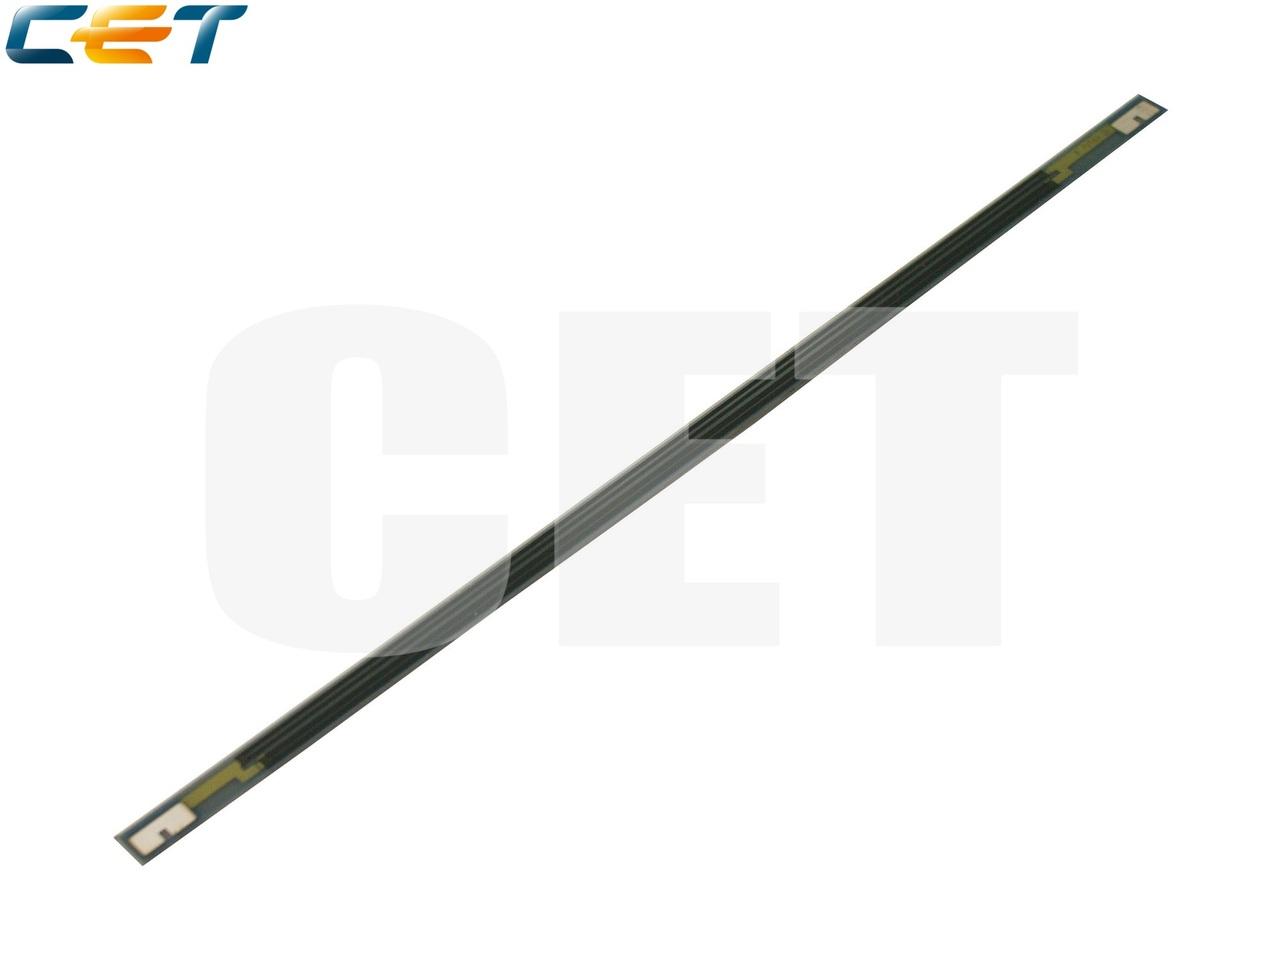 Нагревательный элемент для HP LaserJet P4014/P4015/P4515(CET), CET5803